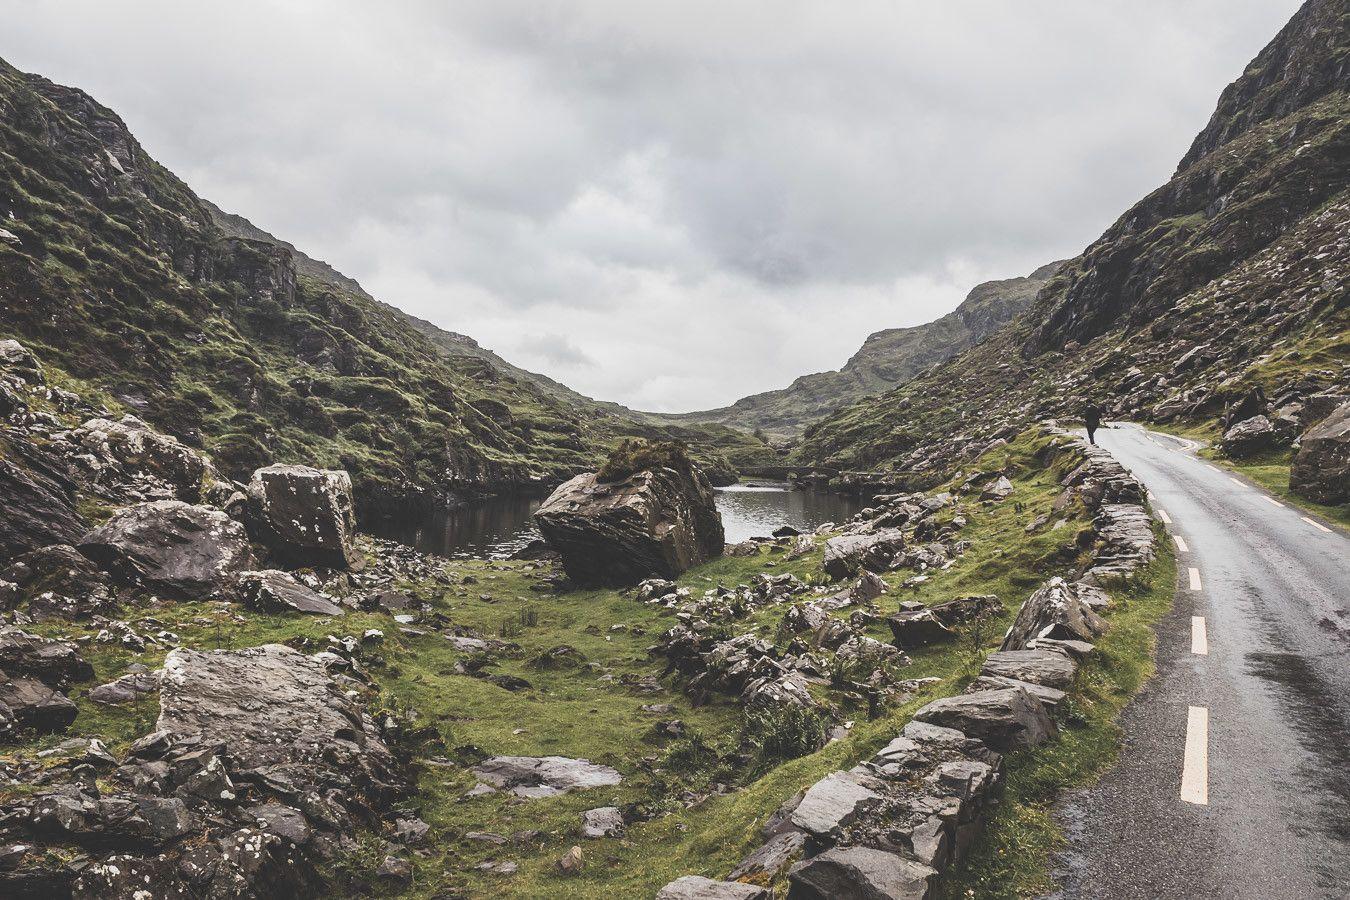 Les routes sinueuses du Gap of Dunloe